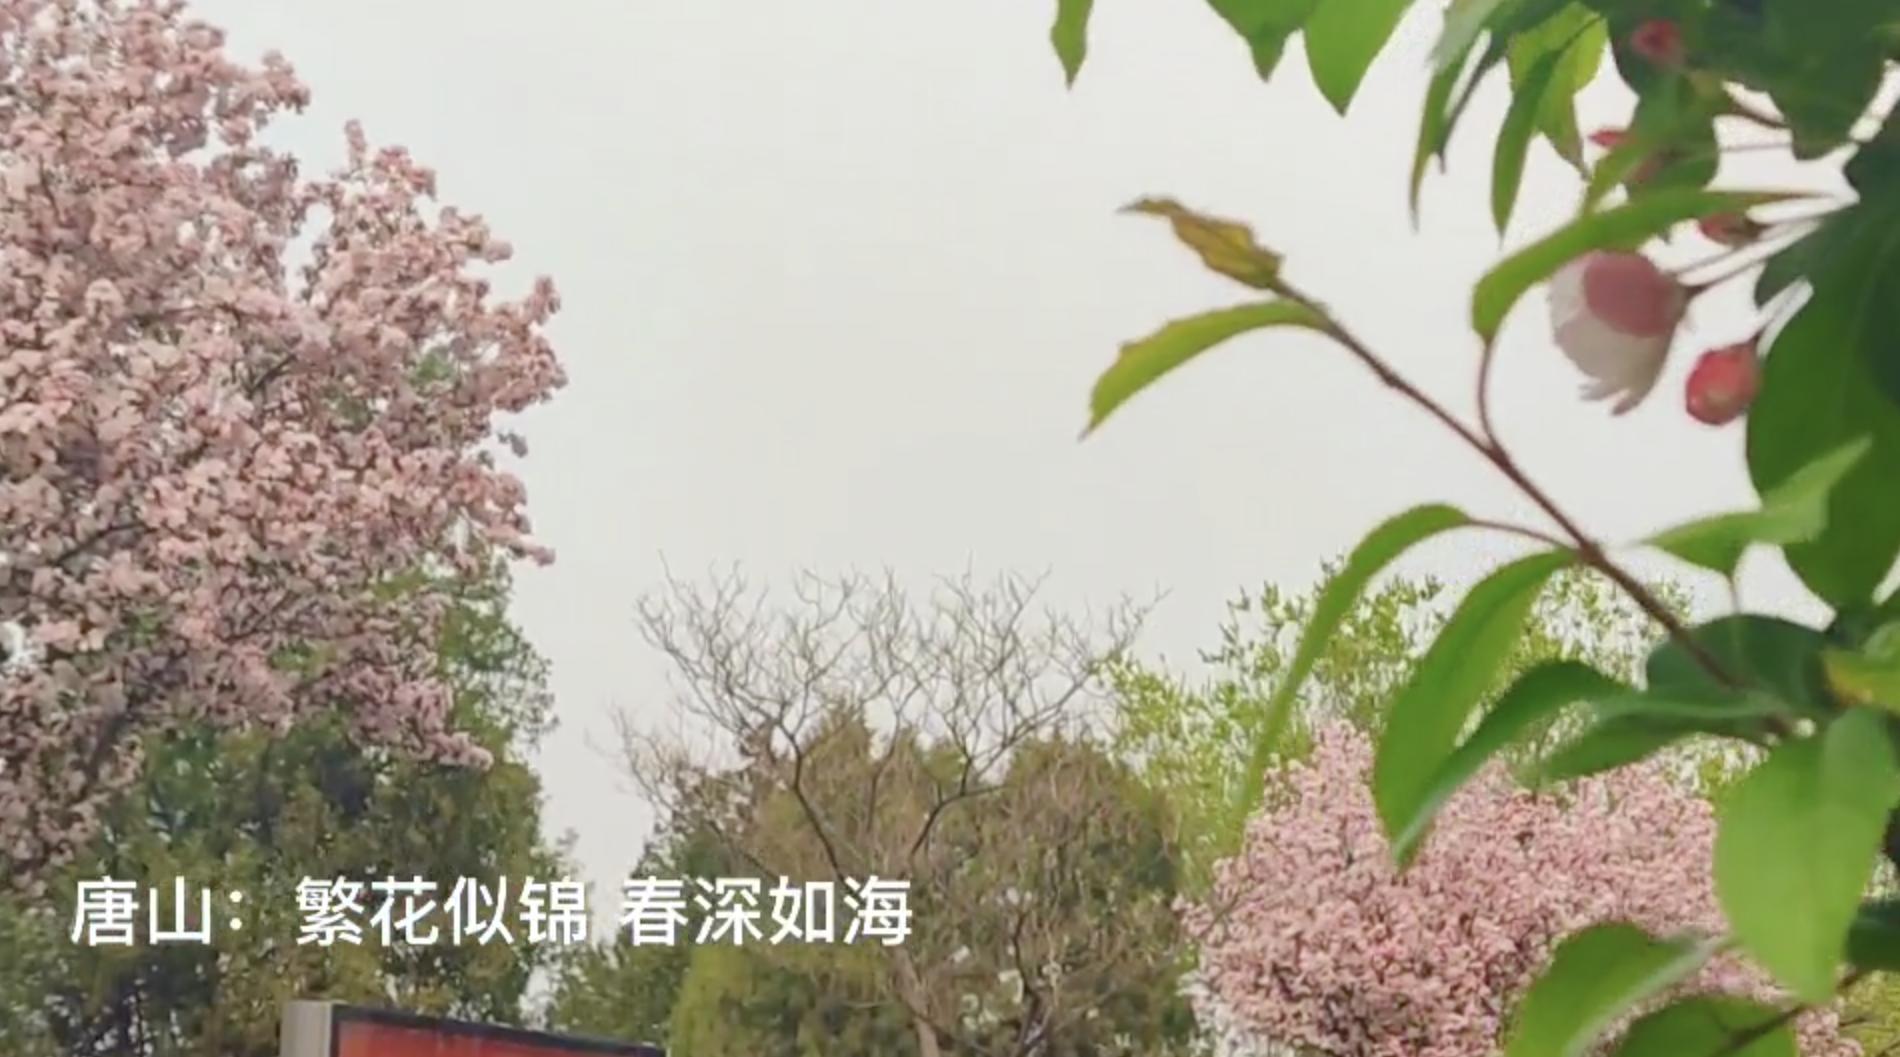 唐山:繁花似锦 春深如海